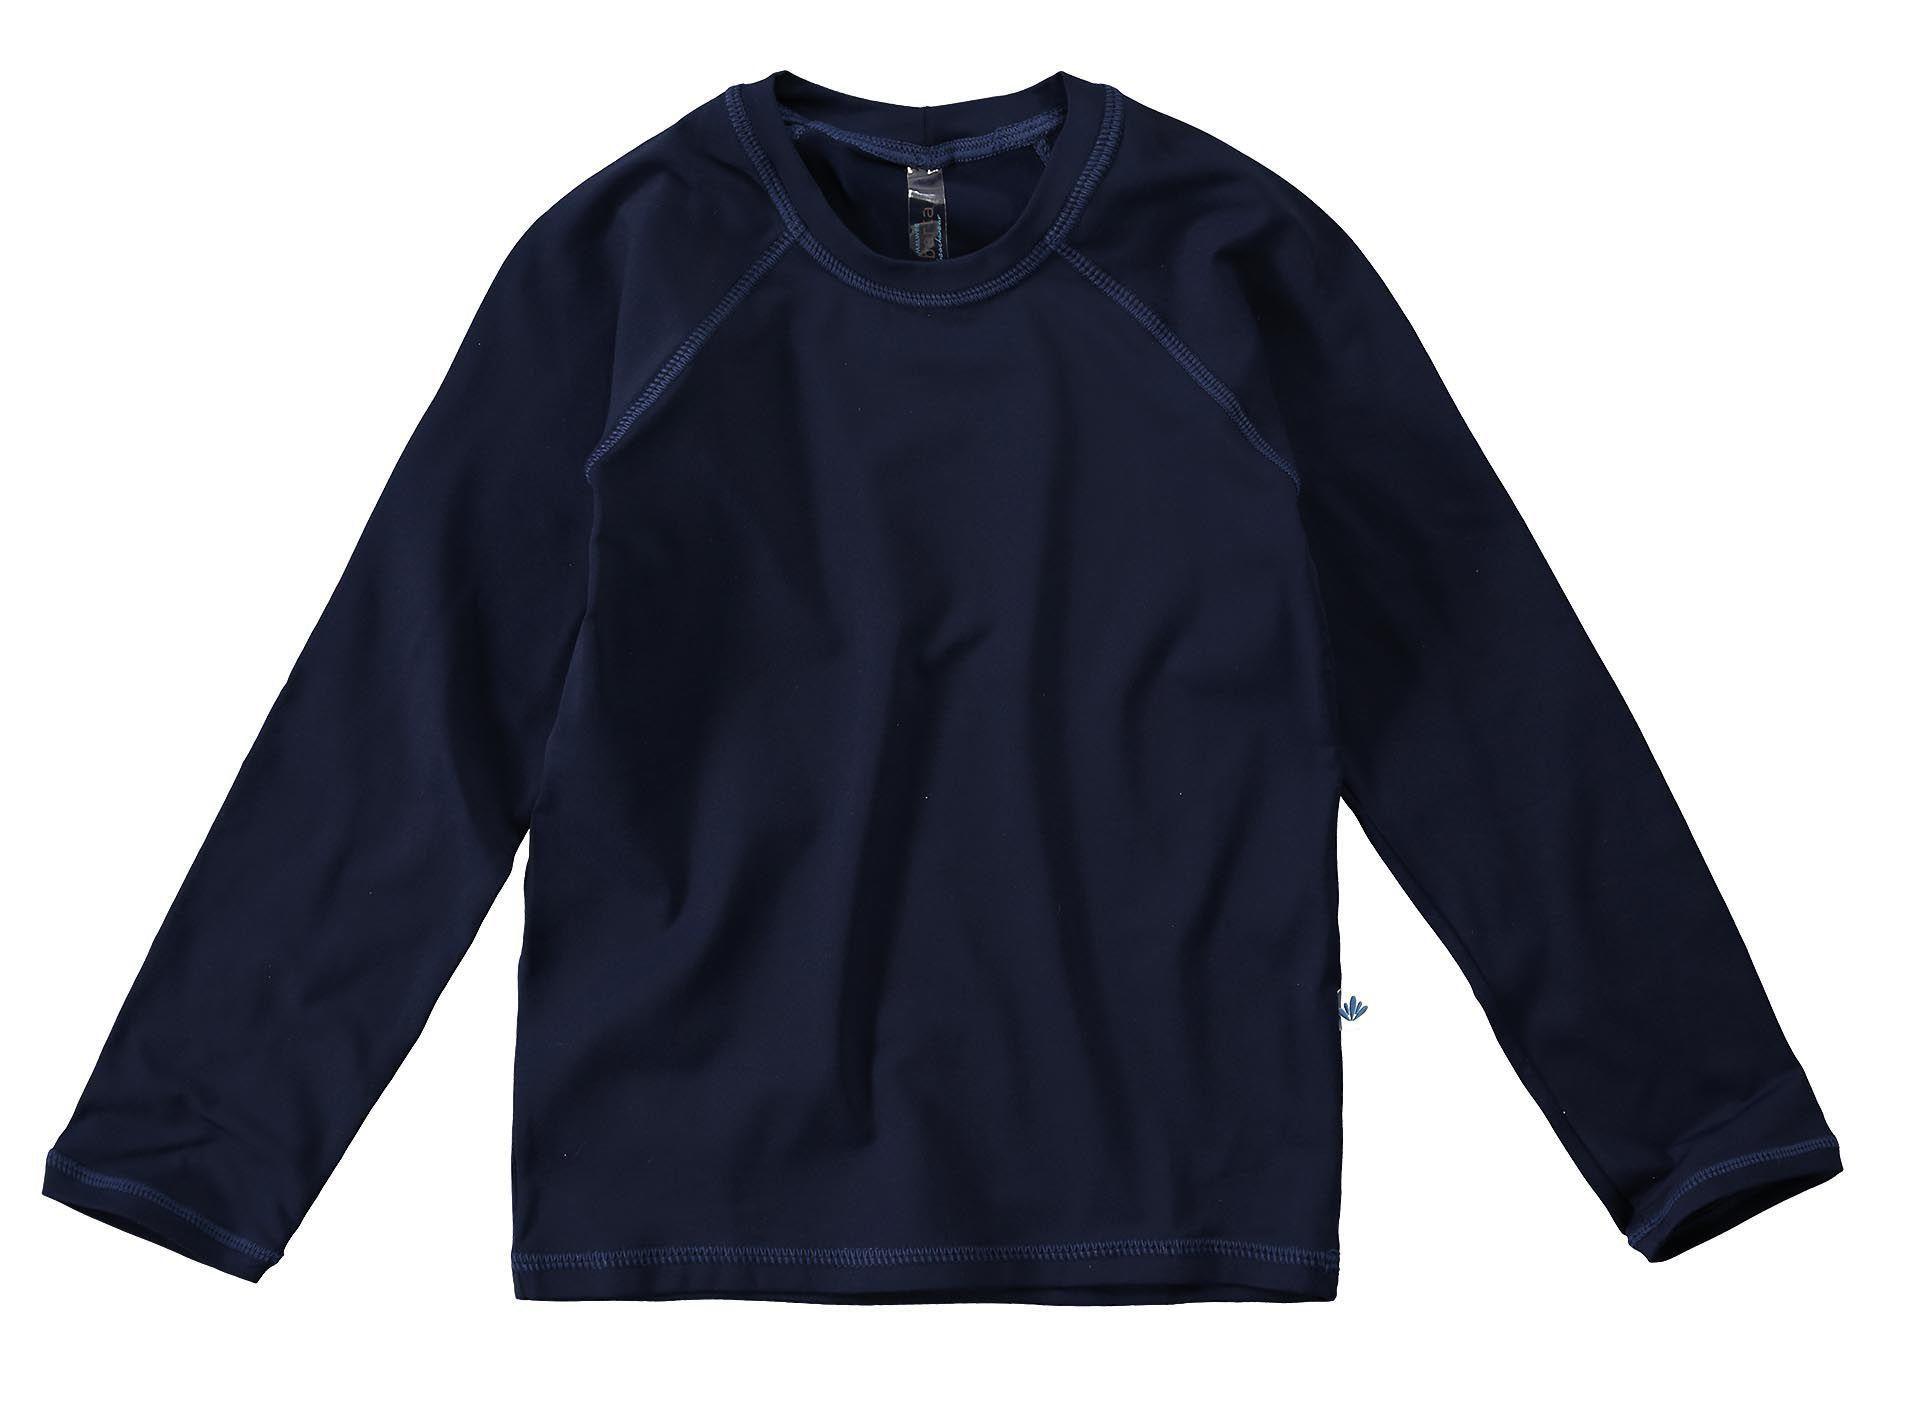 Blusa Infantil com Proteção UV 50+ Marinho Malwee